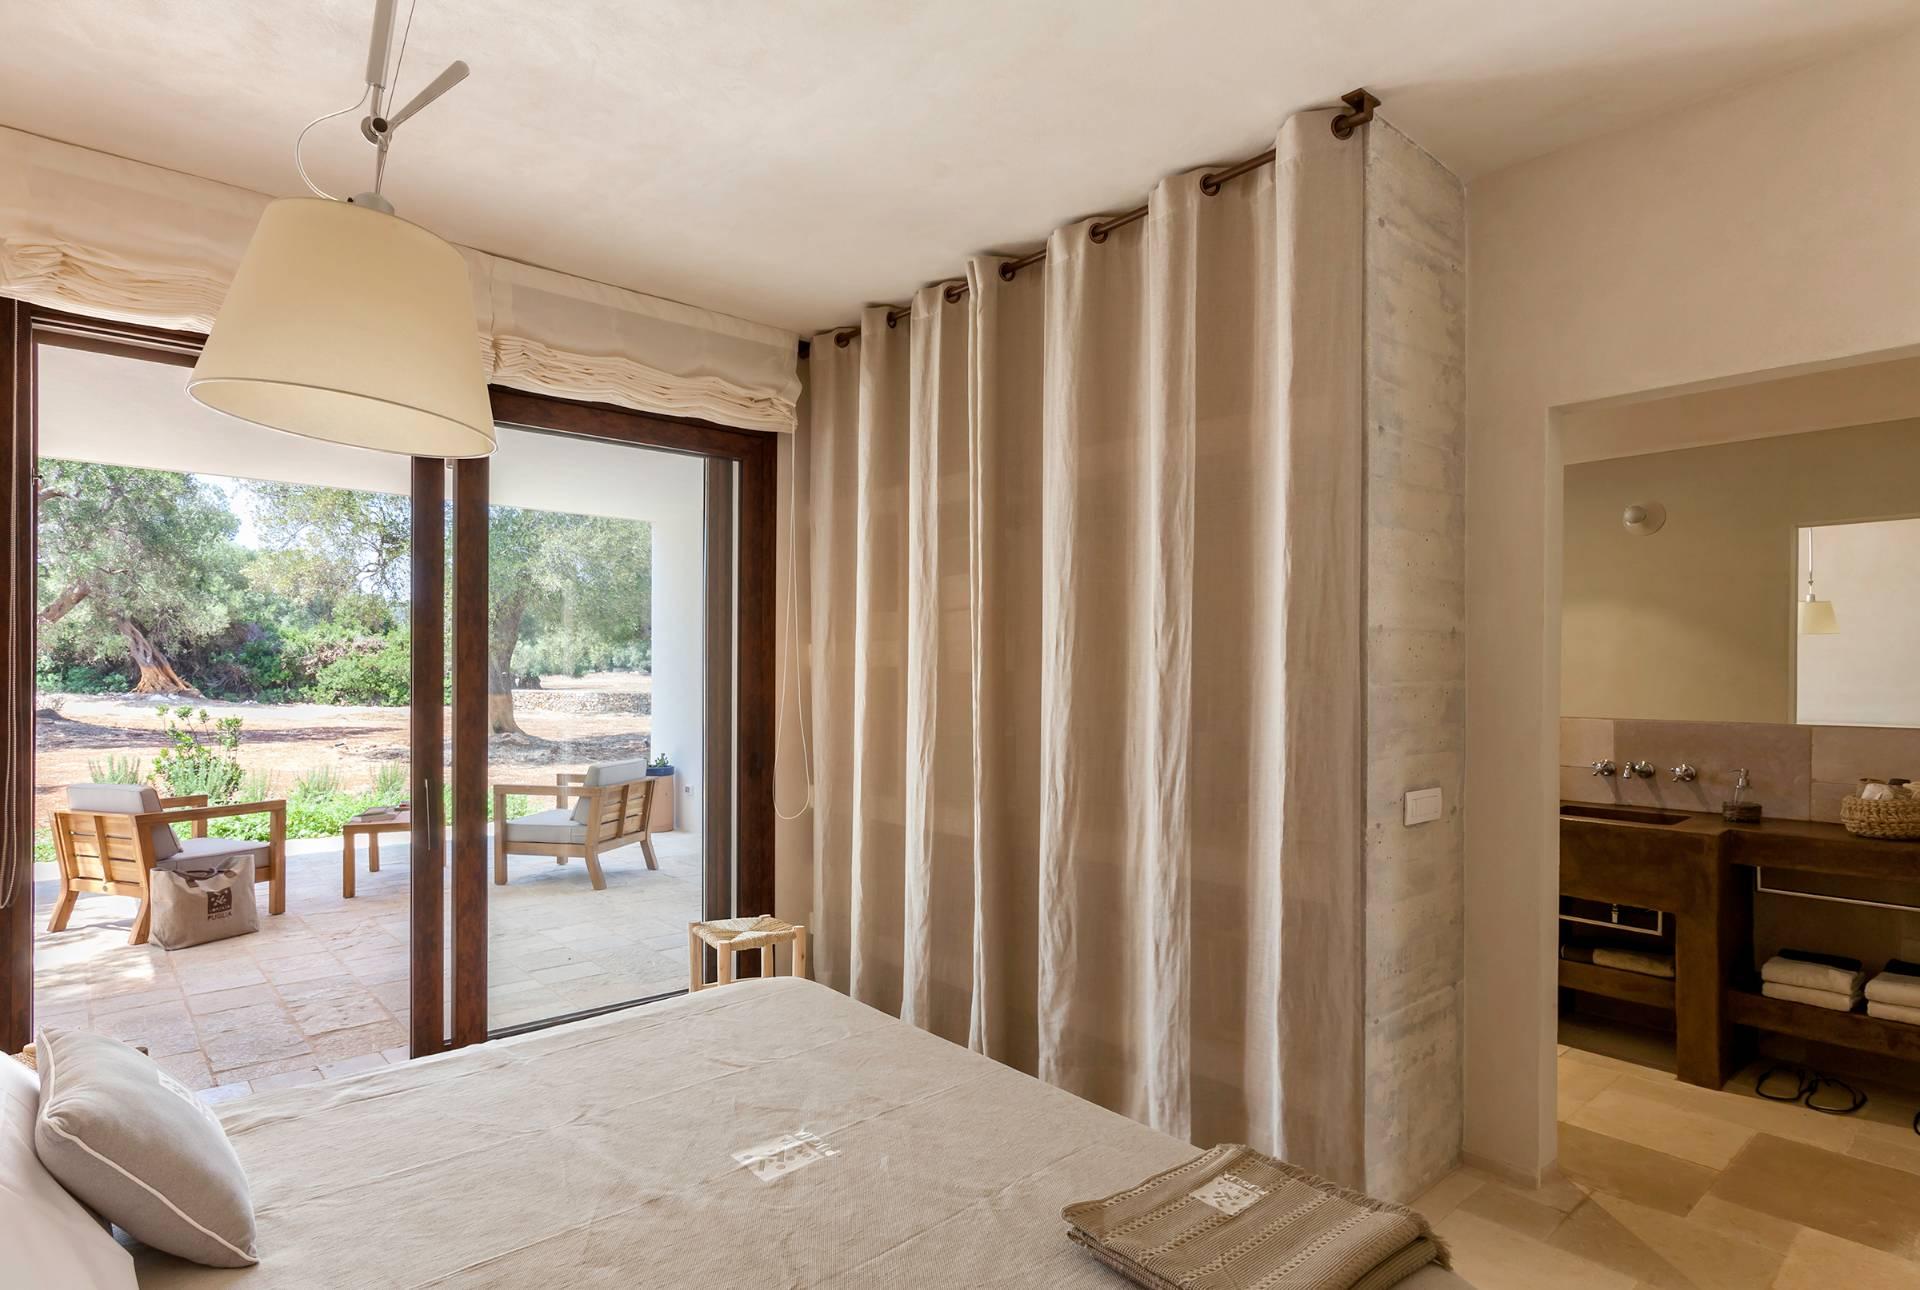 Villa in Vendita a Carovigno: 5 locali, 200 mq - Foto 8